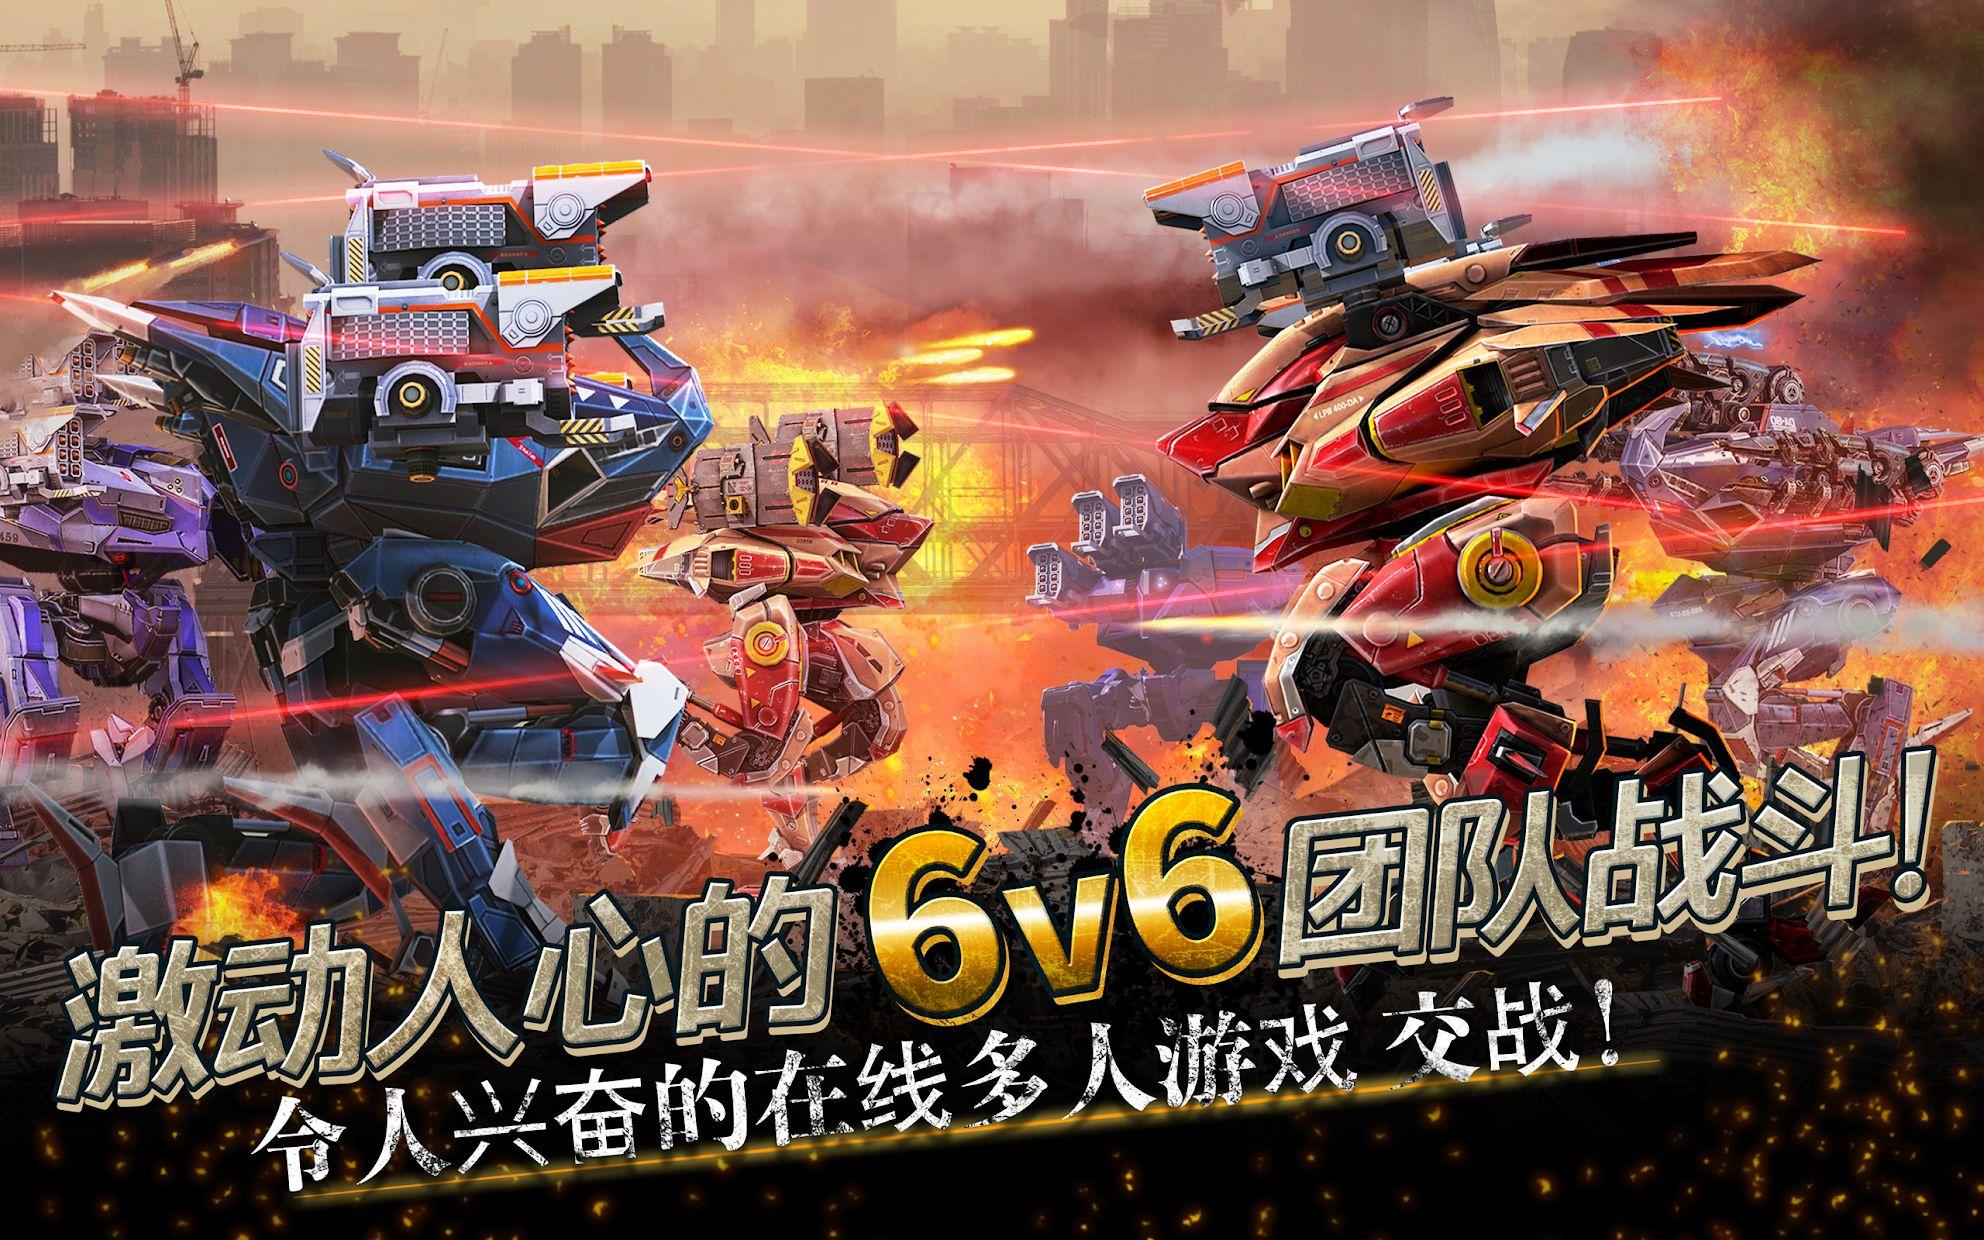 机甲战队《机器人战争 War Robots》 游戏截图3